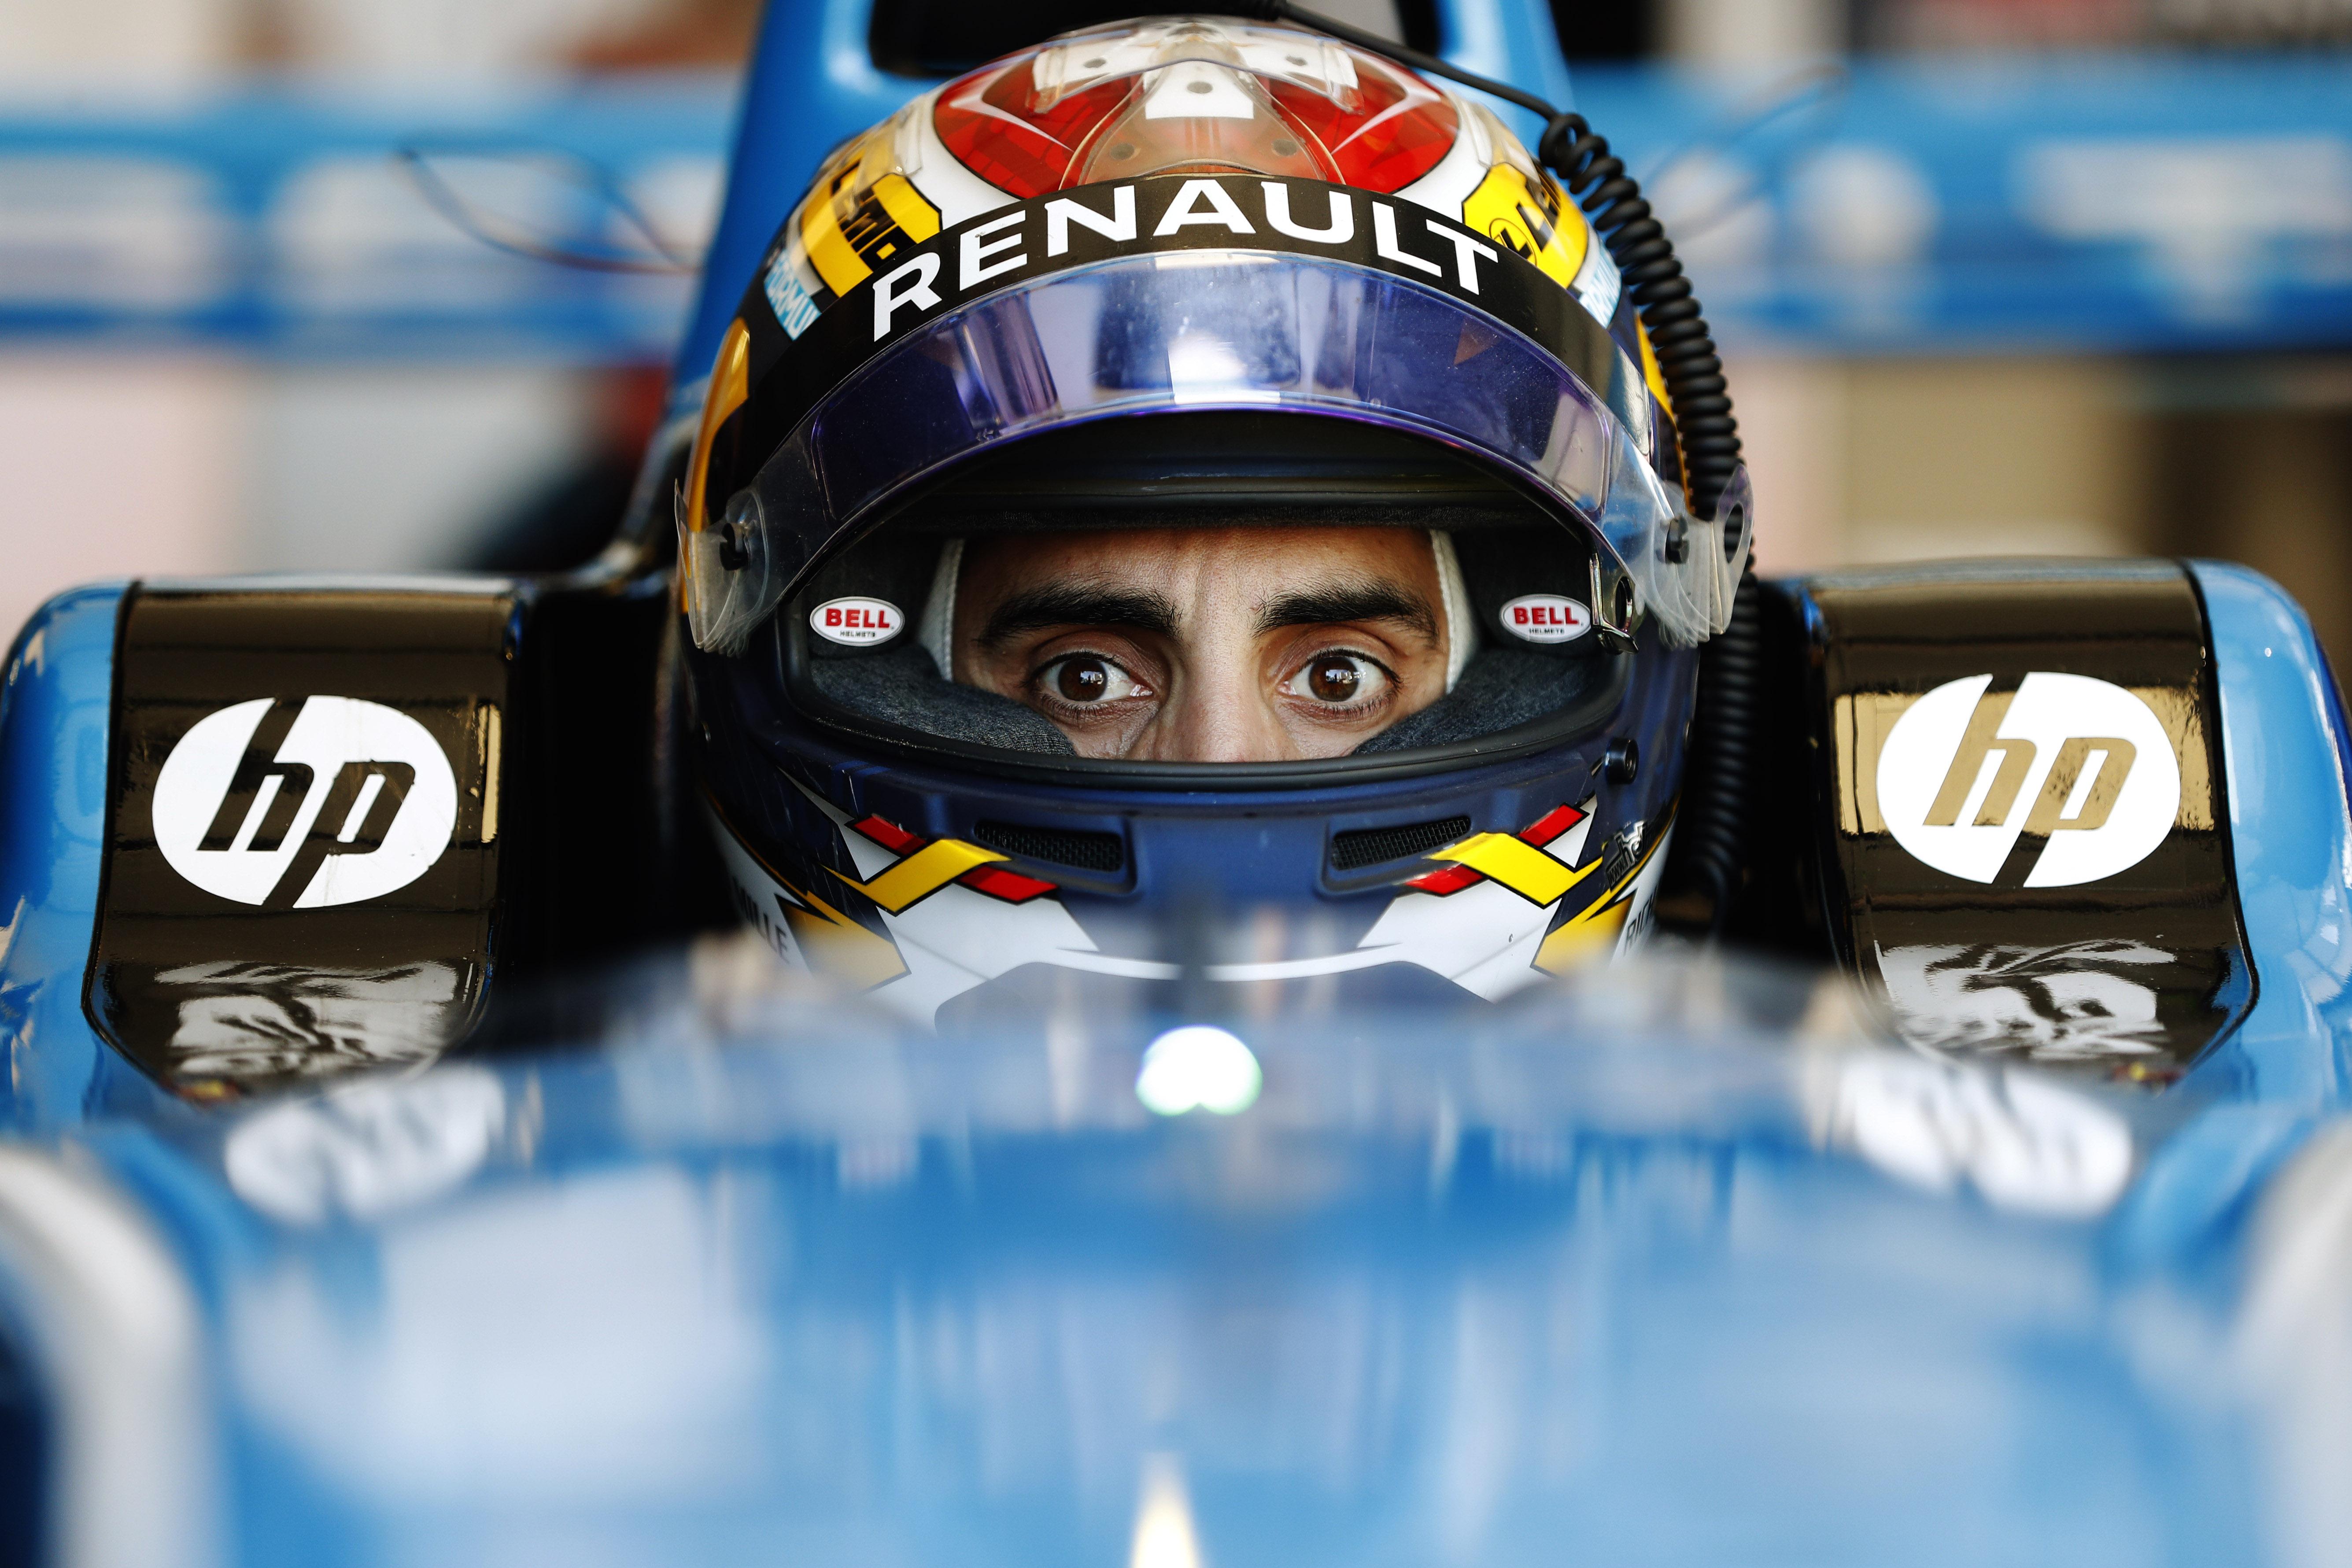 Einmaliges Spektakel: Formel-E-Rennen in Zürich